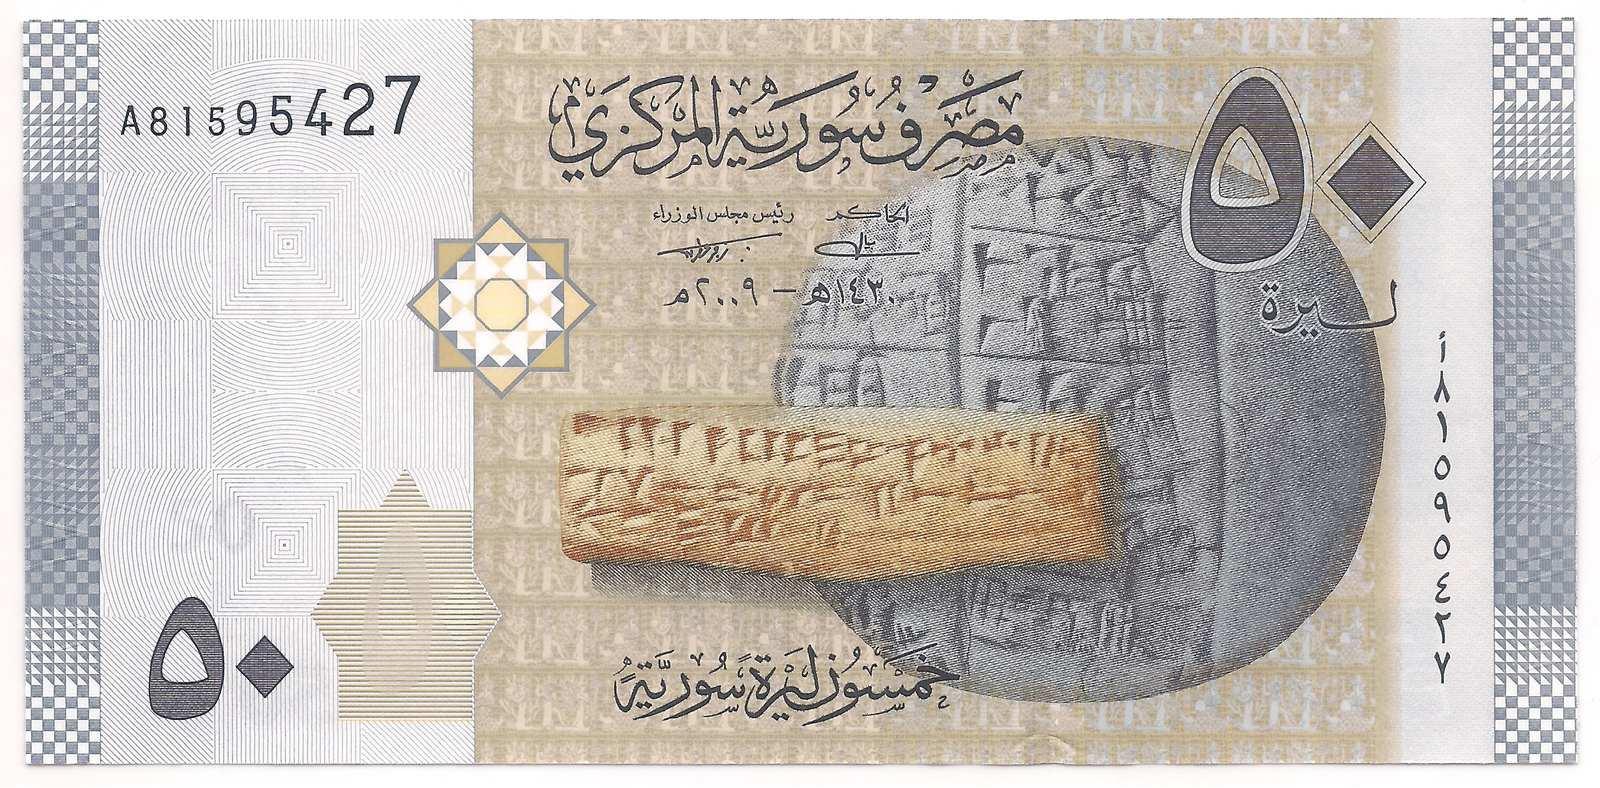 Síria - 50 Pounds 2009 - FE